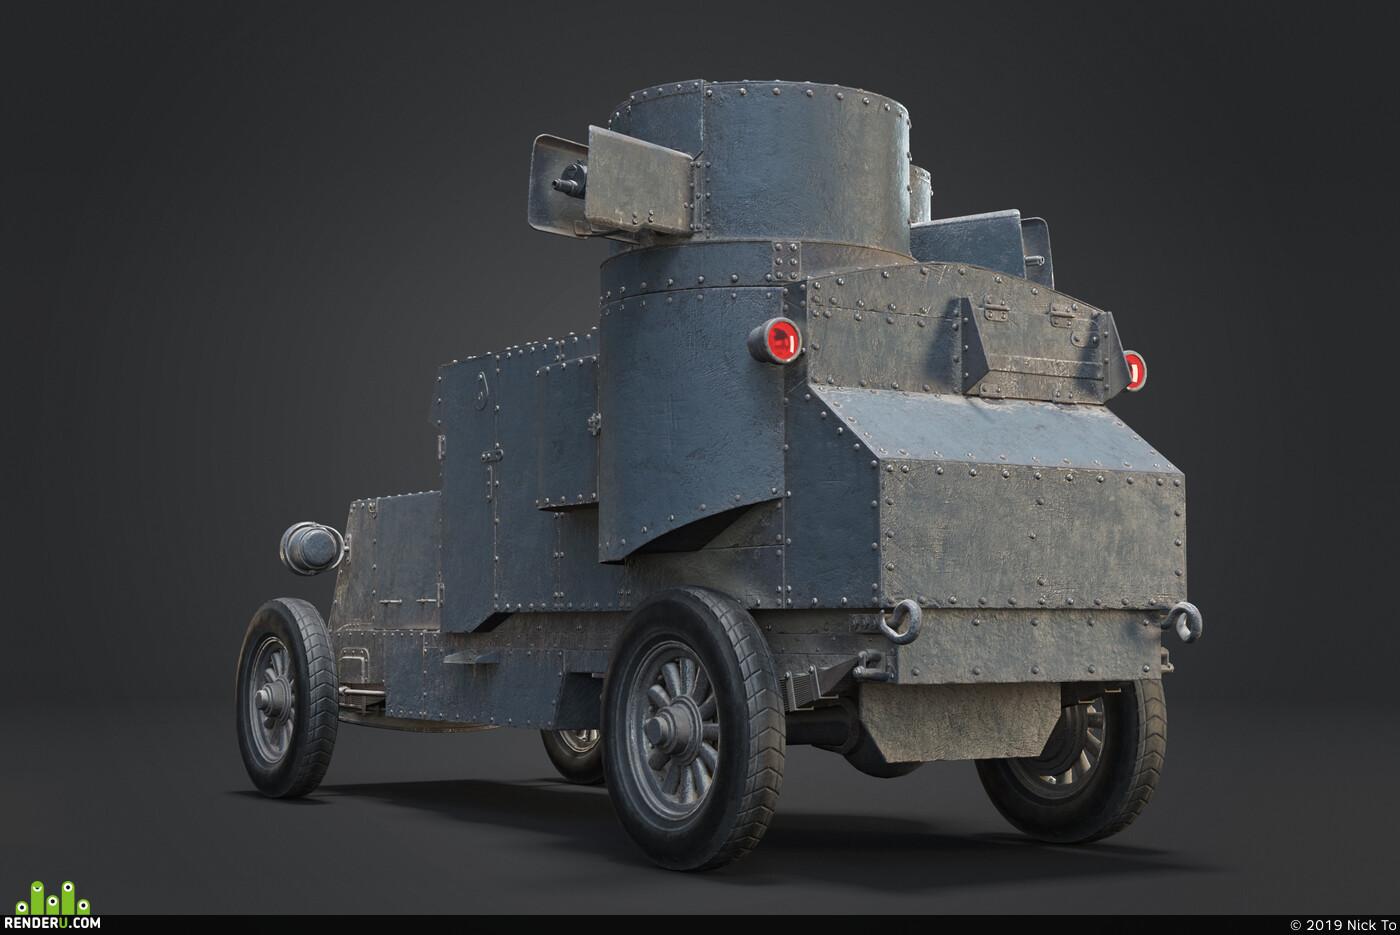 броневик, Техника, автомобиль, ссср, военный